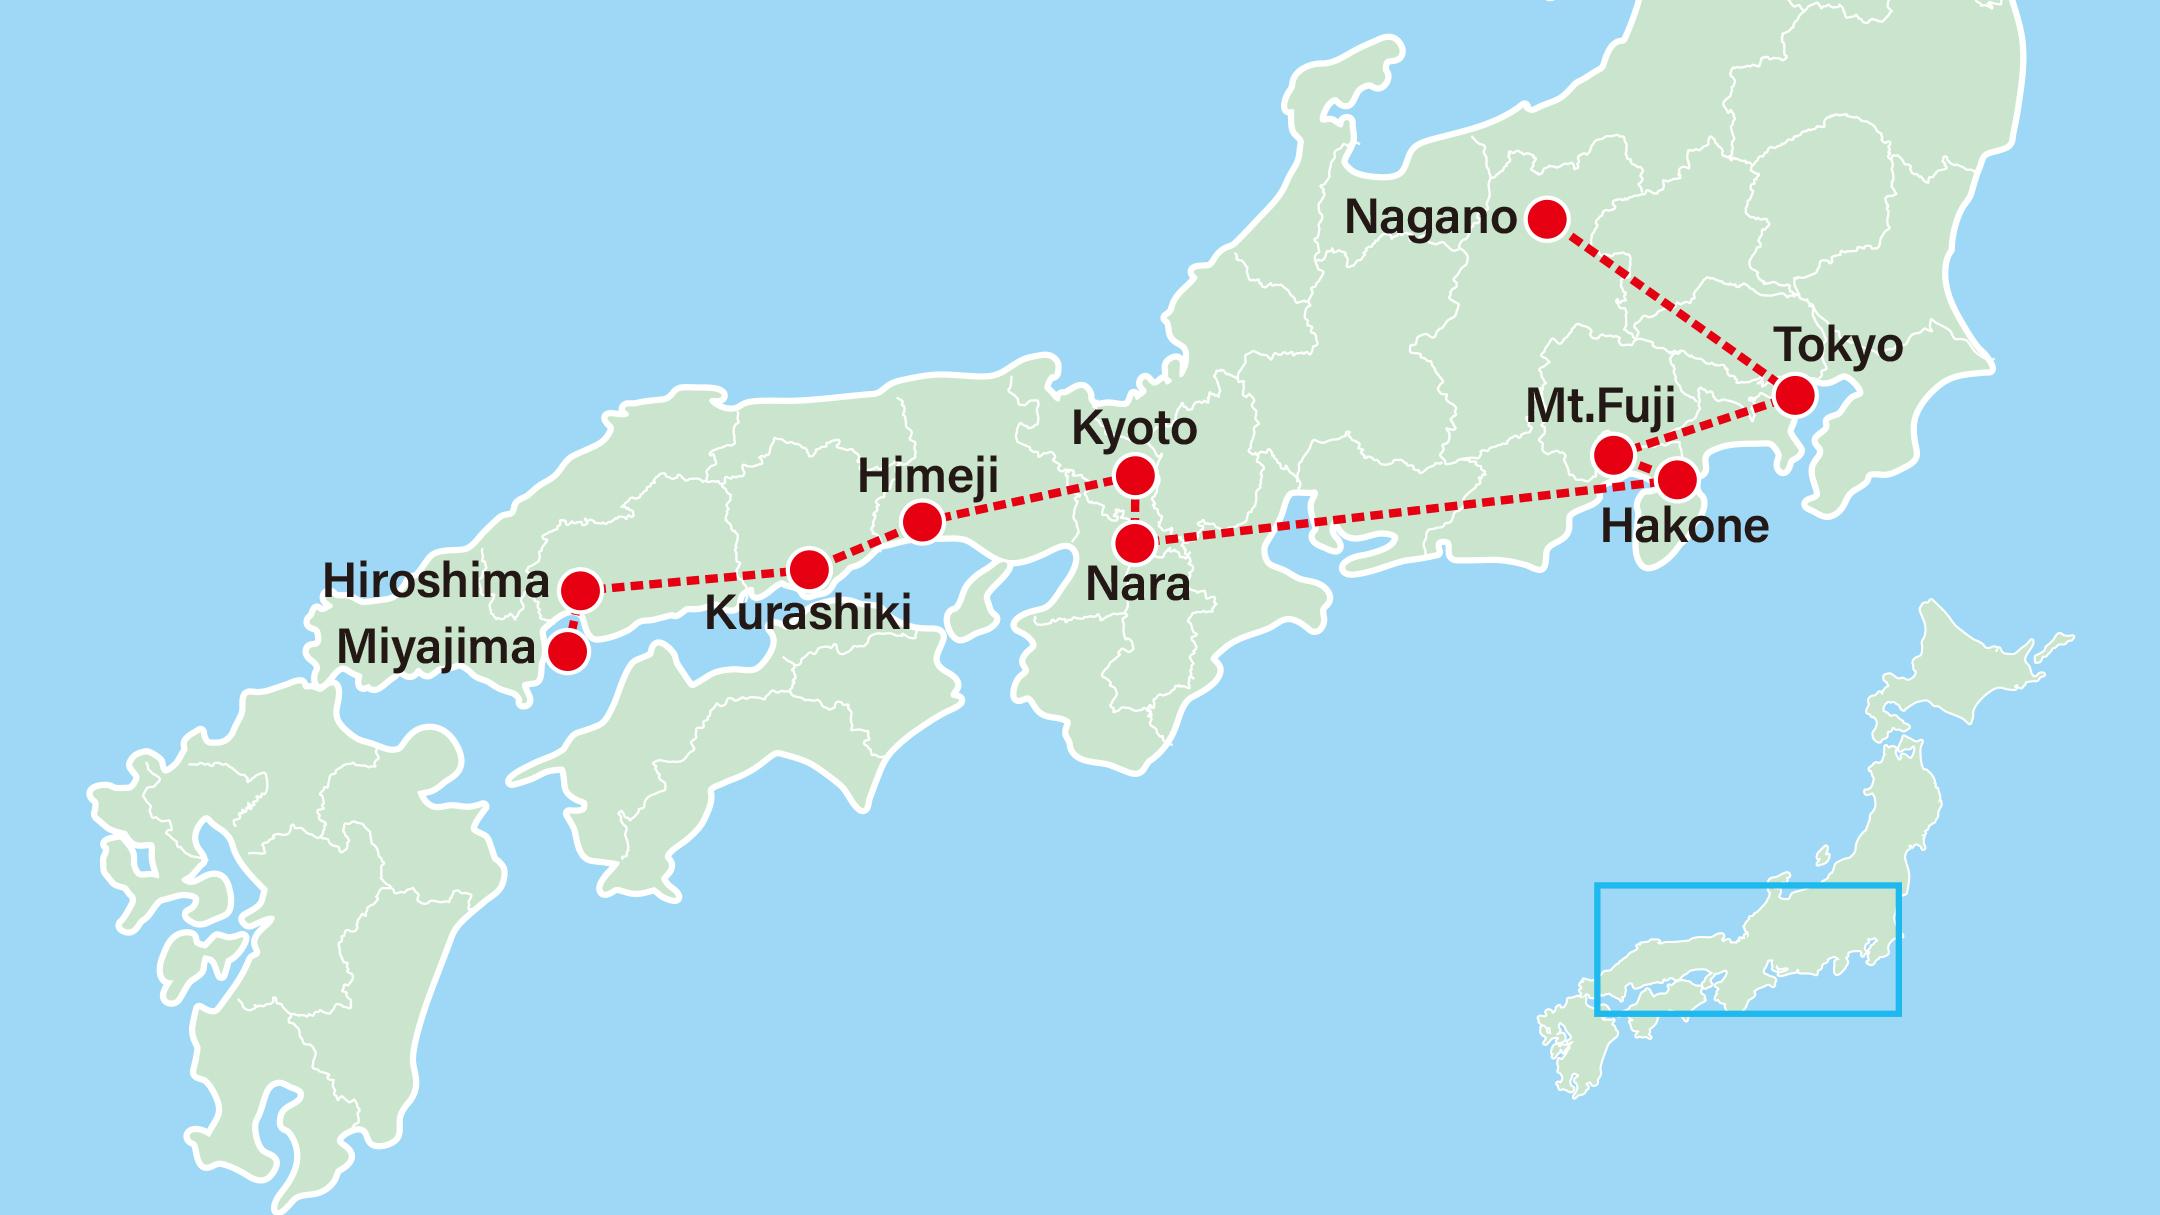 Winter Discovery - Snow Monkey | Anime & Hiroshima-Tokyo-Nagano-Hakone-Kyoto-Nara-Himeji-Kurashiki-Hiroshima-Miyajima